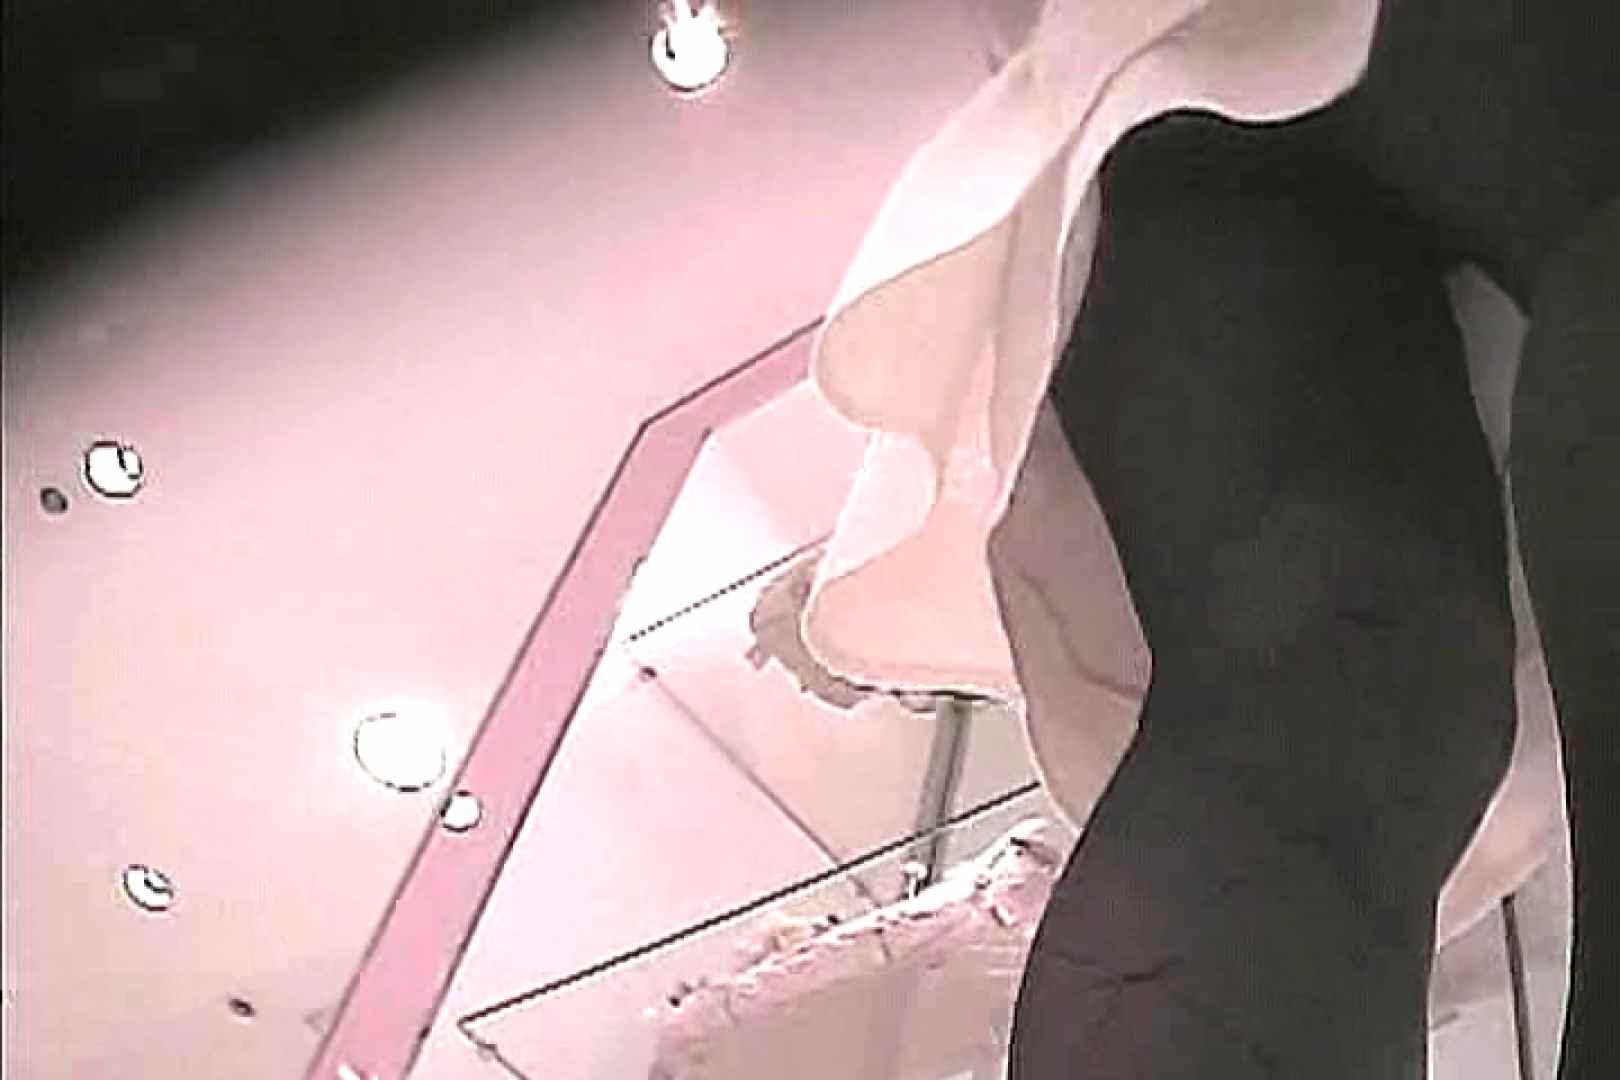 ショップ店員のパンチラアクシデント Vol.11 OLの実態 覗きおまんこ画像 89pic 62